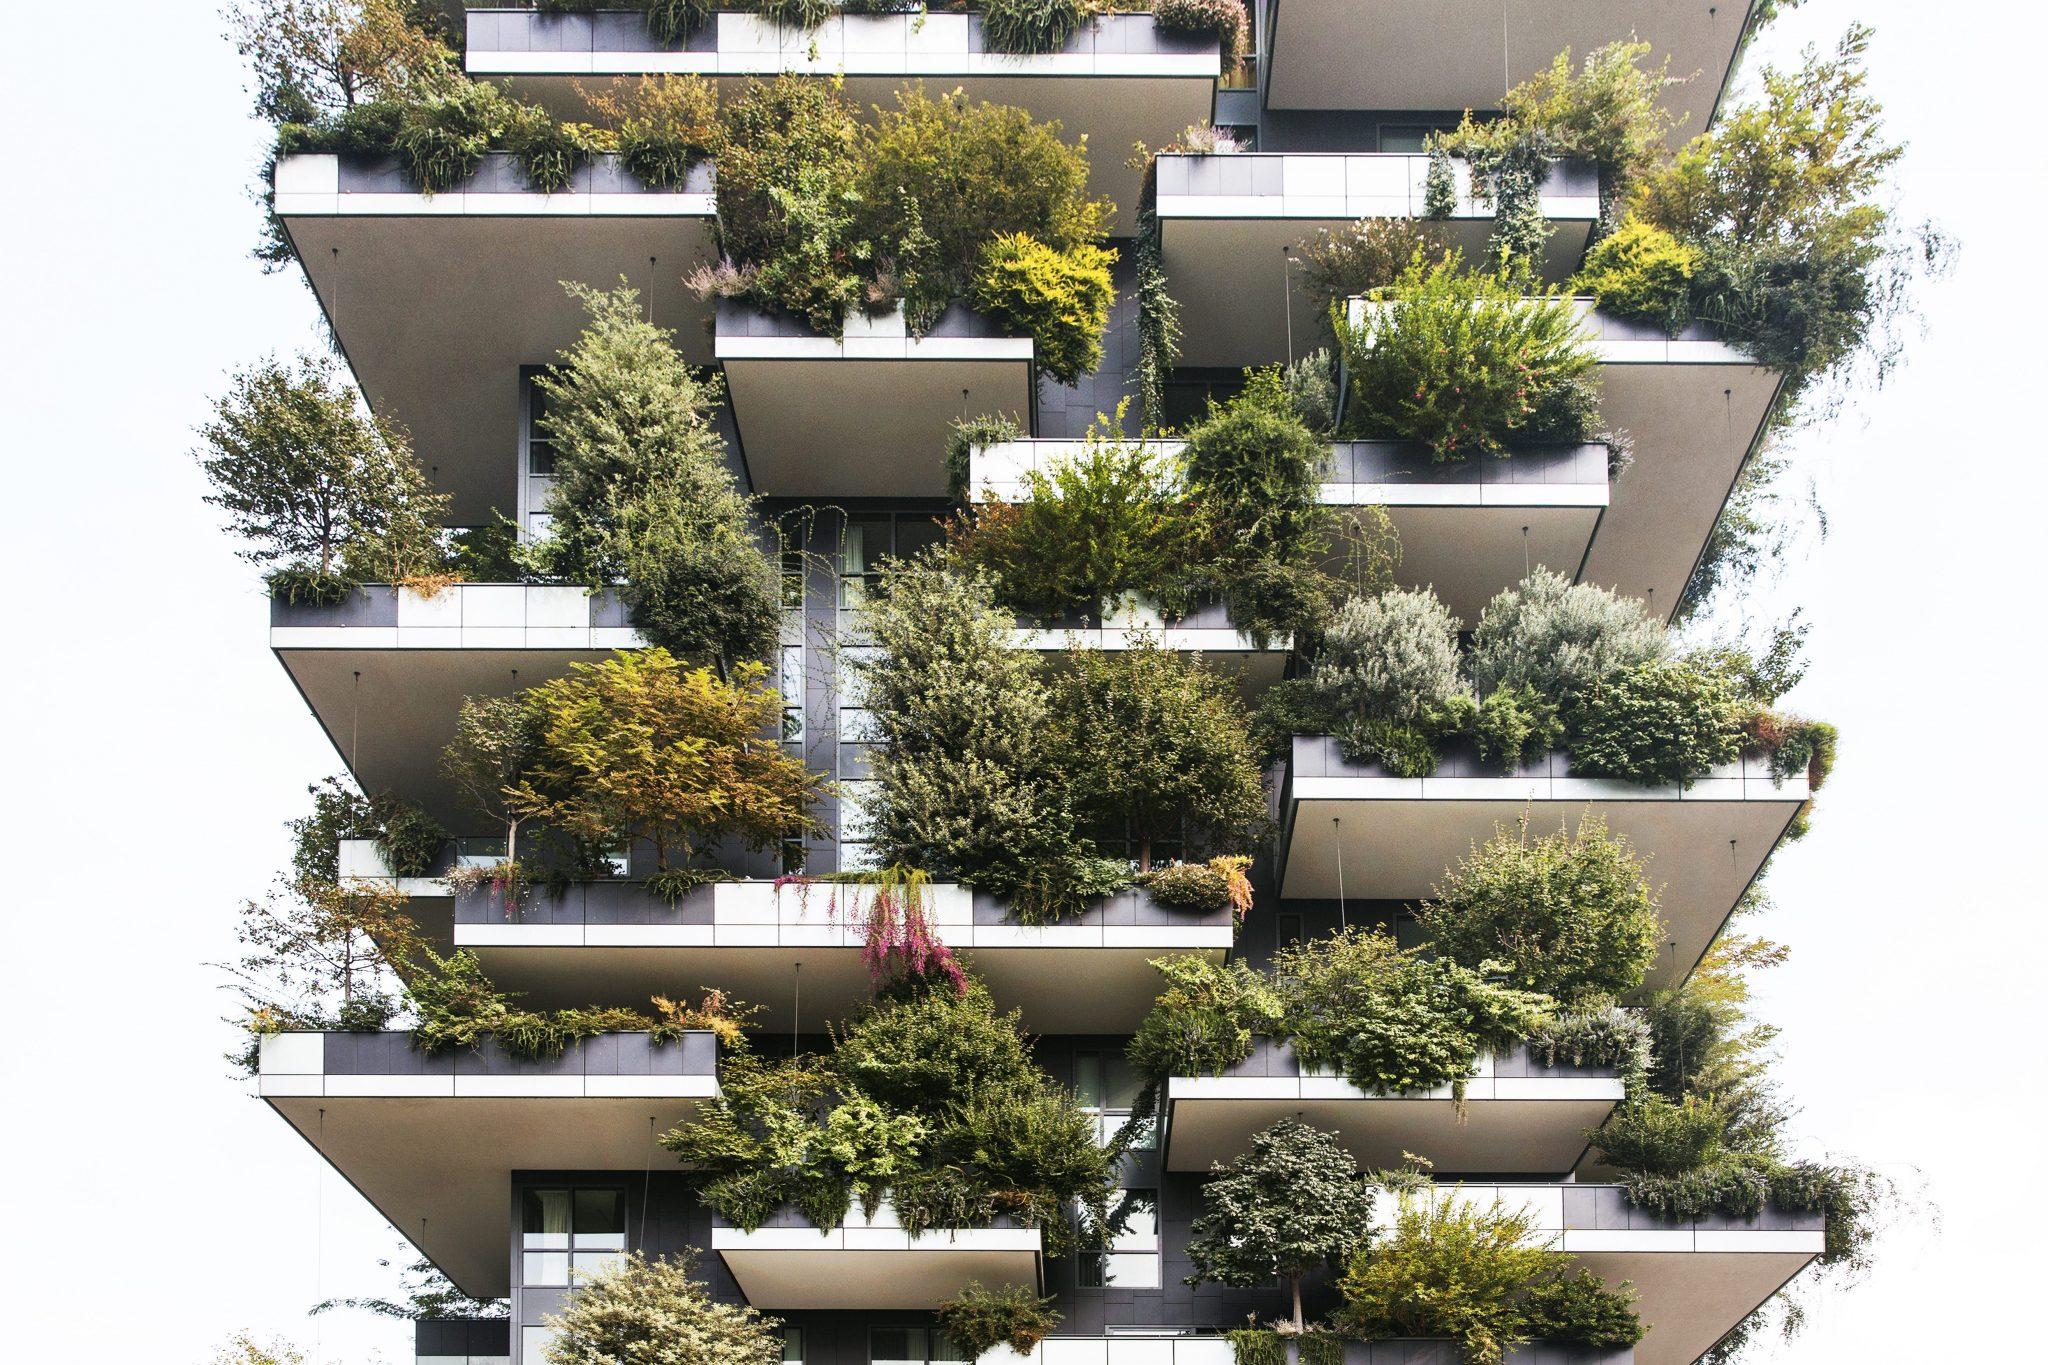 Home Design Studio Apartments Bosco Verticale Stefano Boeri Architetti